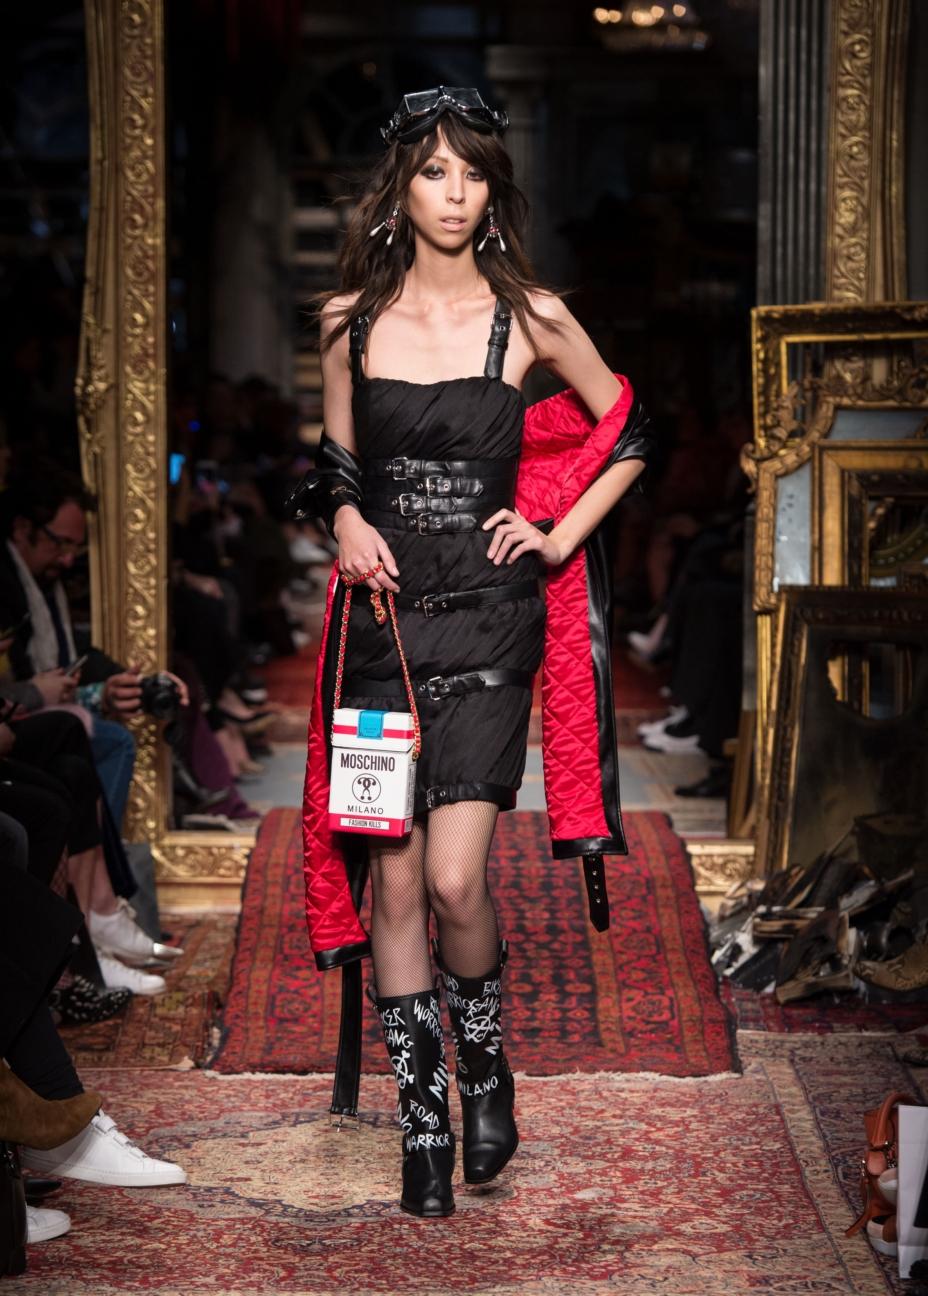 moschino-milan-fashion-week-aw-16-38